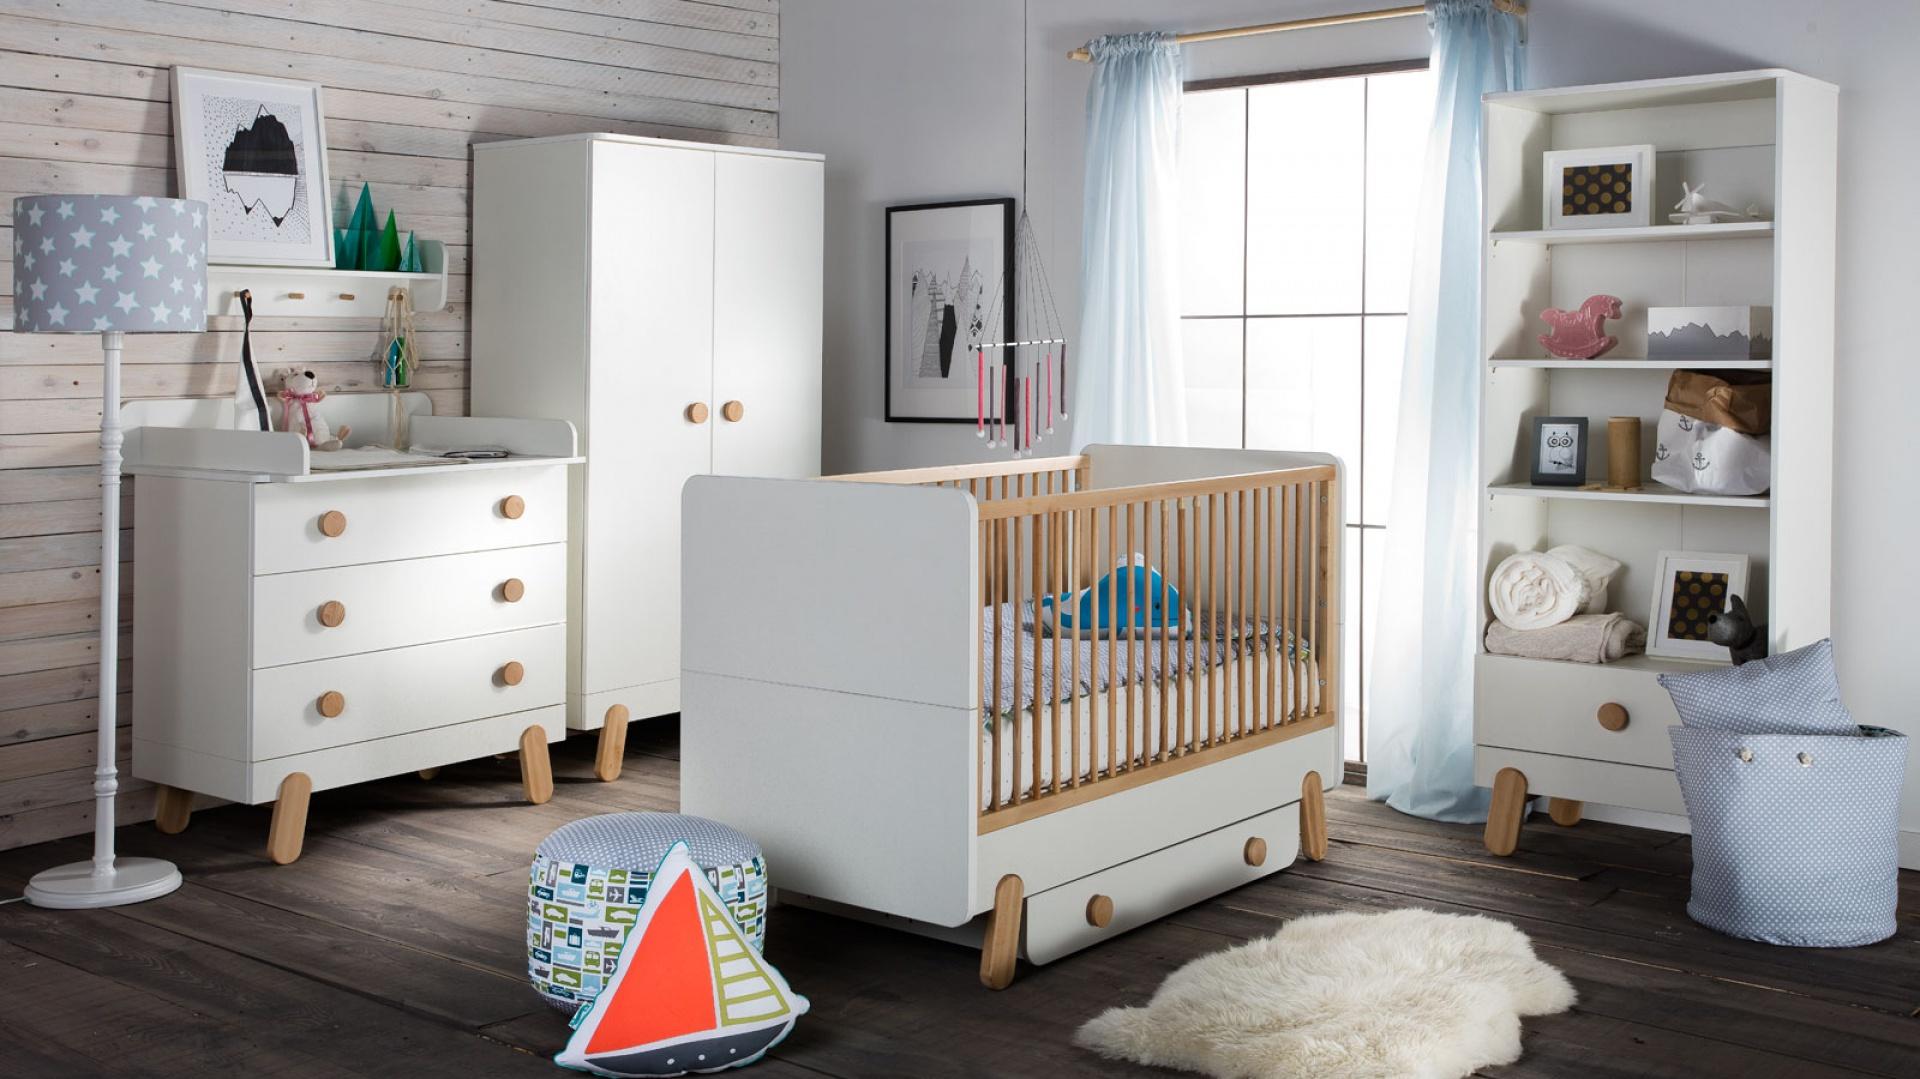 Ile razy wymienia się meble w pokoju dziecka przez cały okres jego życia w domu rodzinnym? Przeciętnie 2 lub 3 razy. Każda taka zmiana, to spory wydatek. Producenci mebli wpadli na pomysł, jak go uniknąć. Fot. Pinio